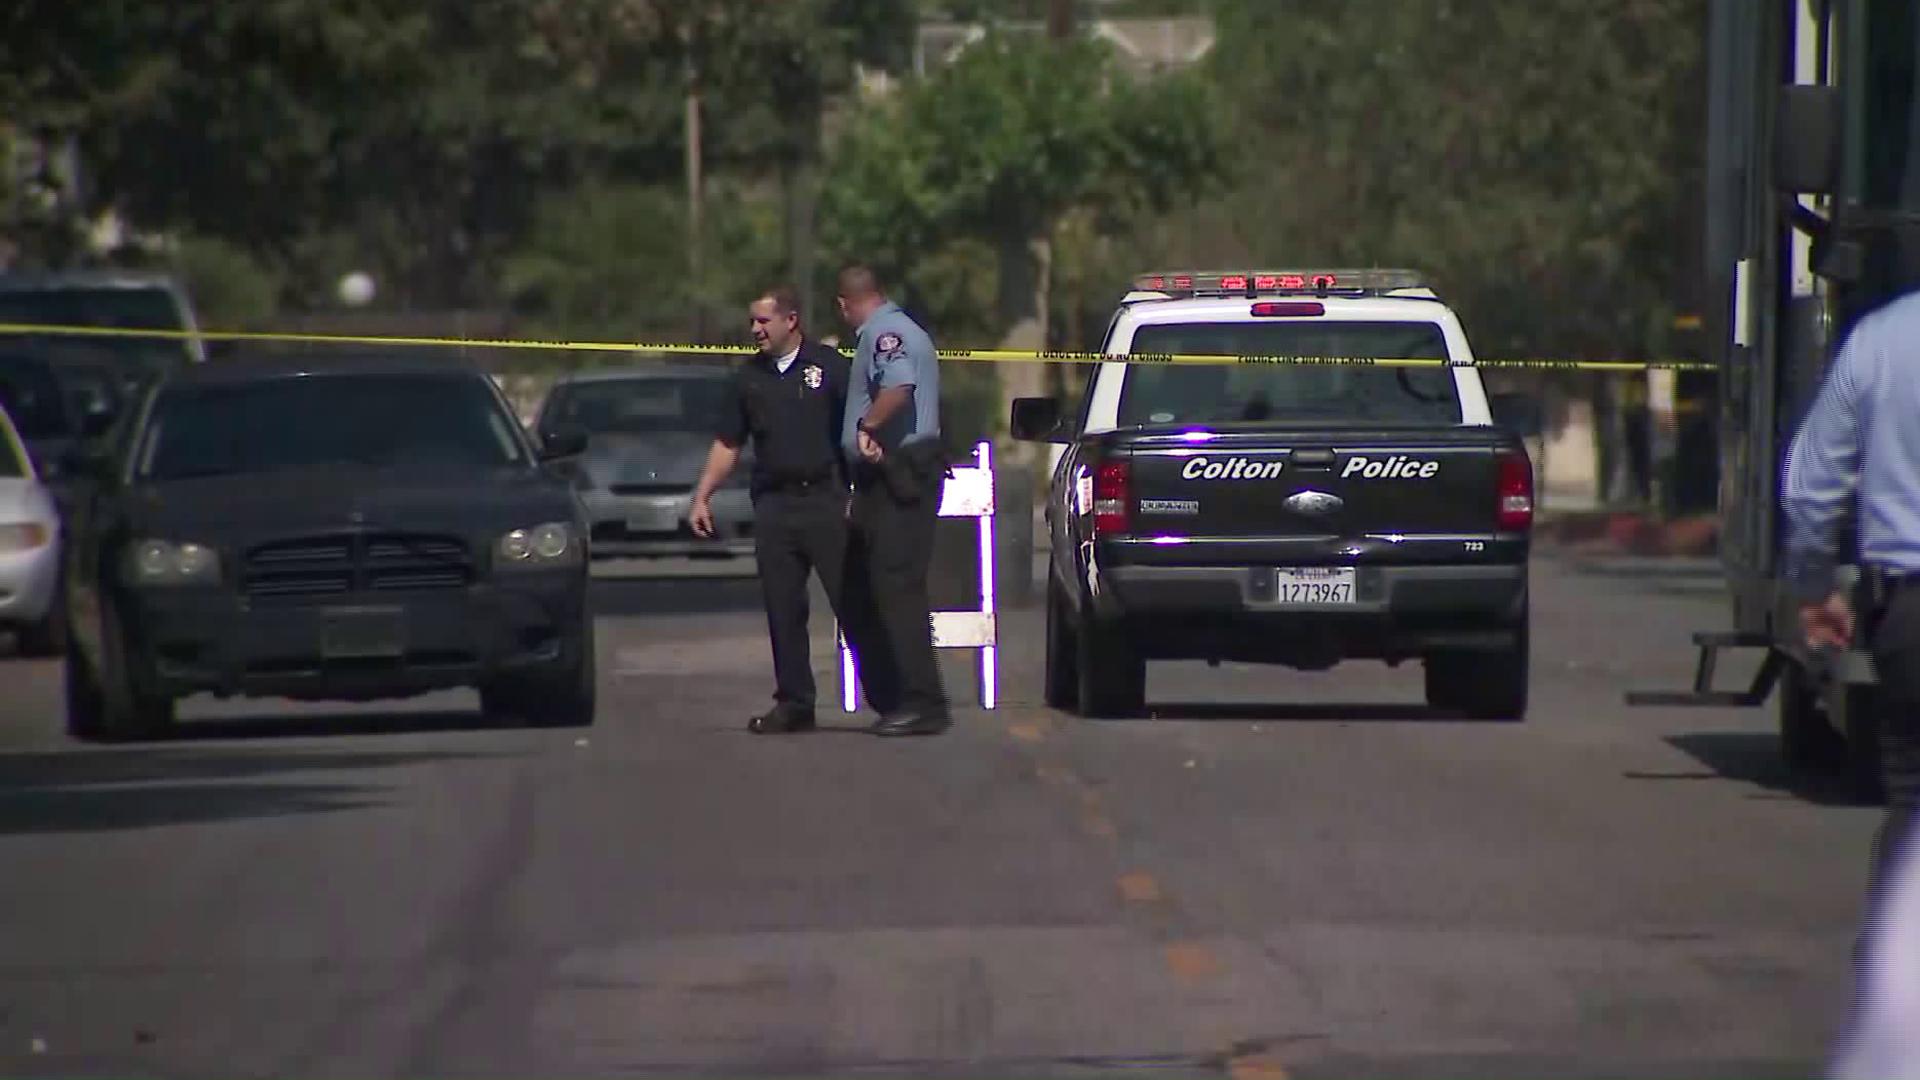 Police investigate a homicide in Colton on Oct. 23, 2018. (Credit: KTLA)